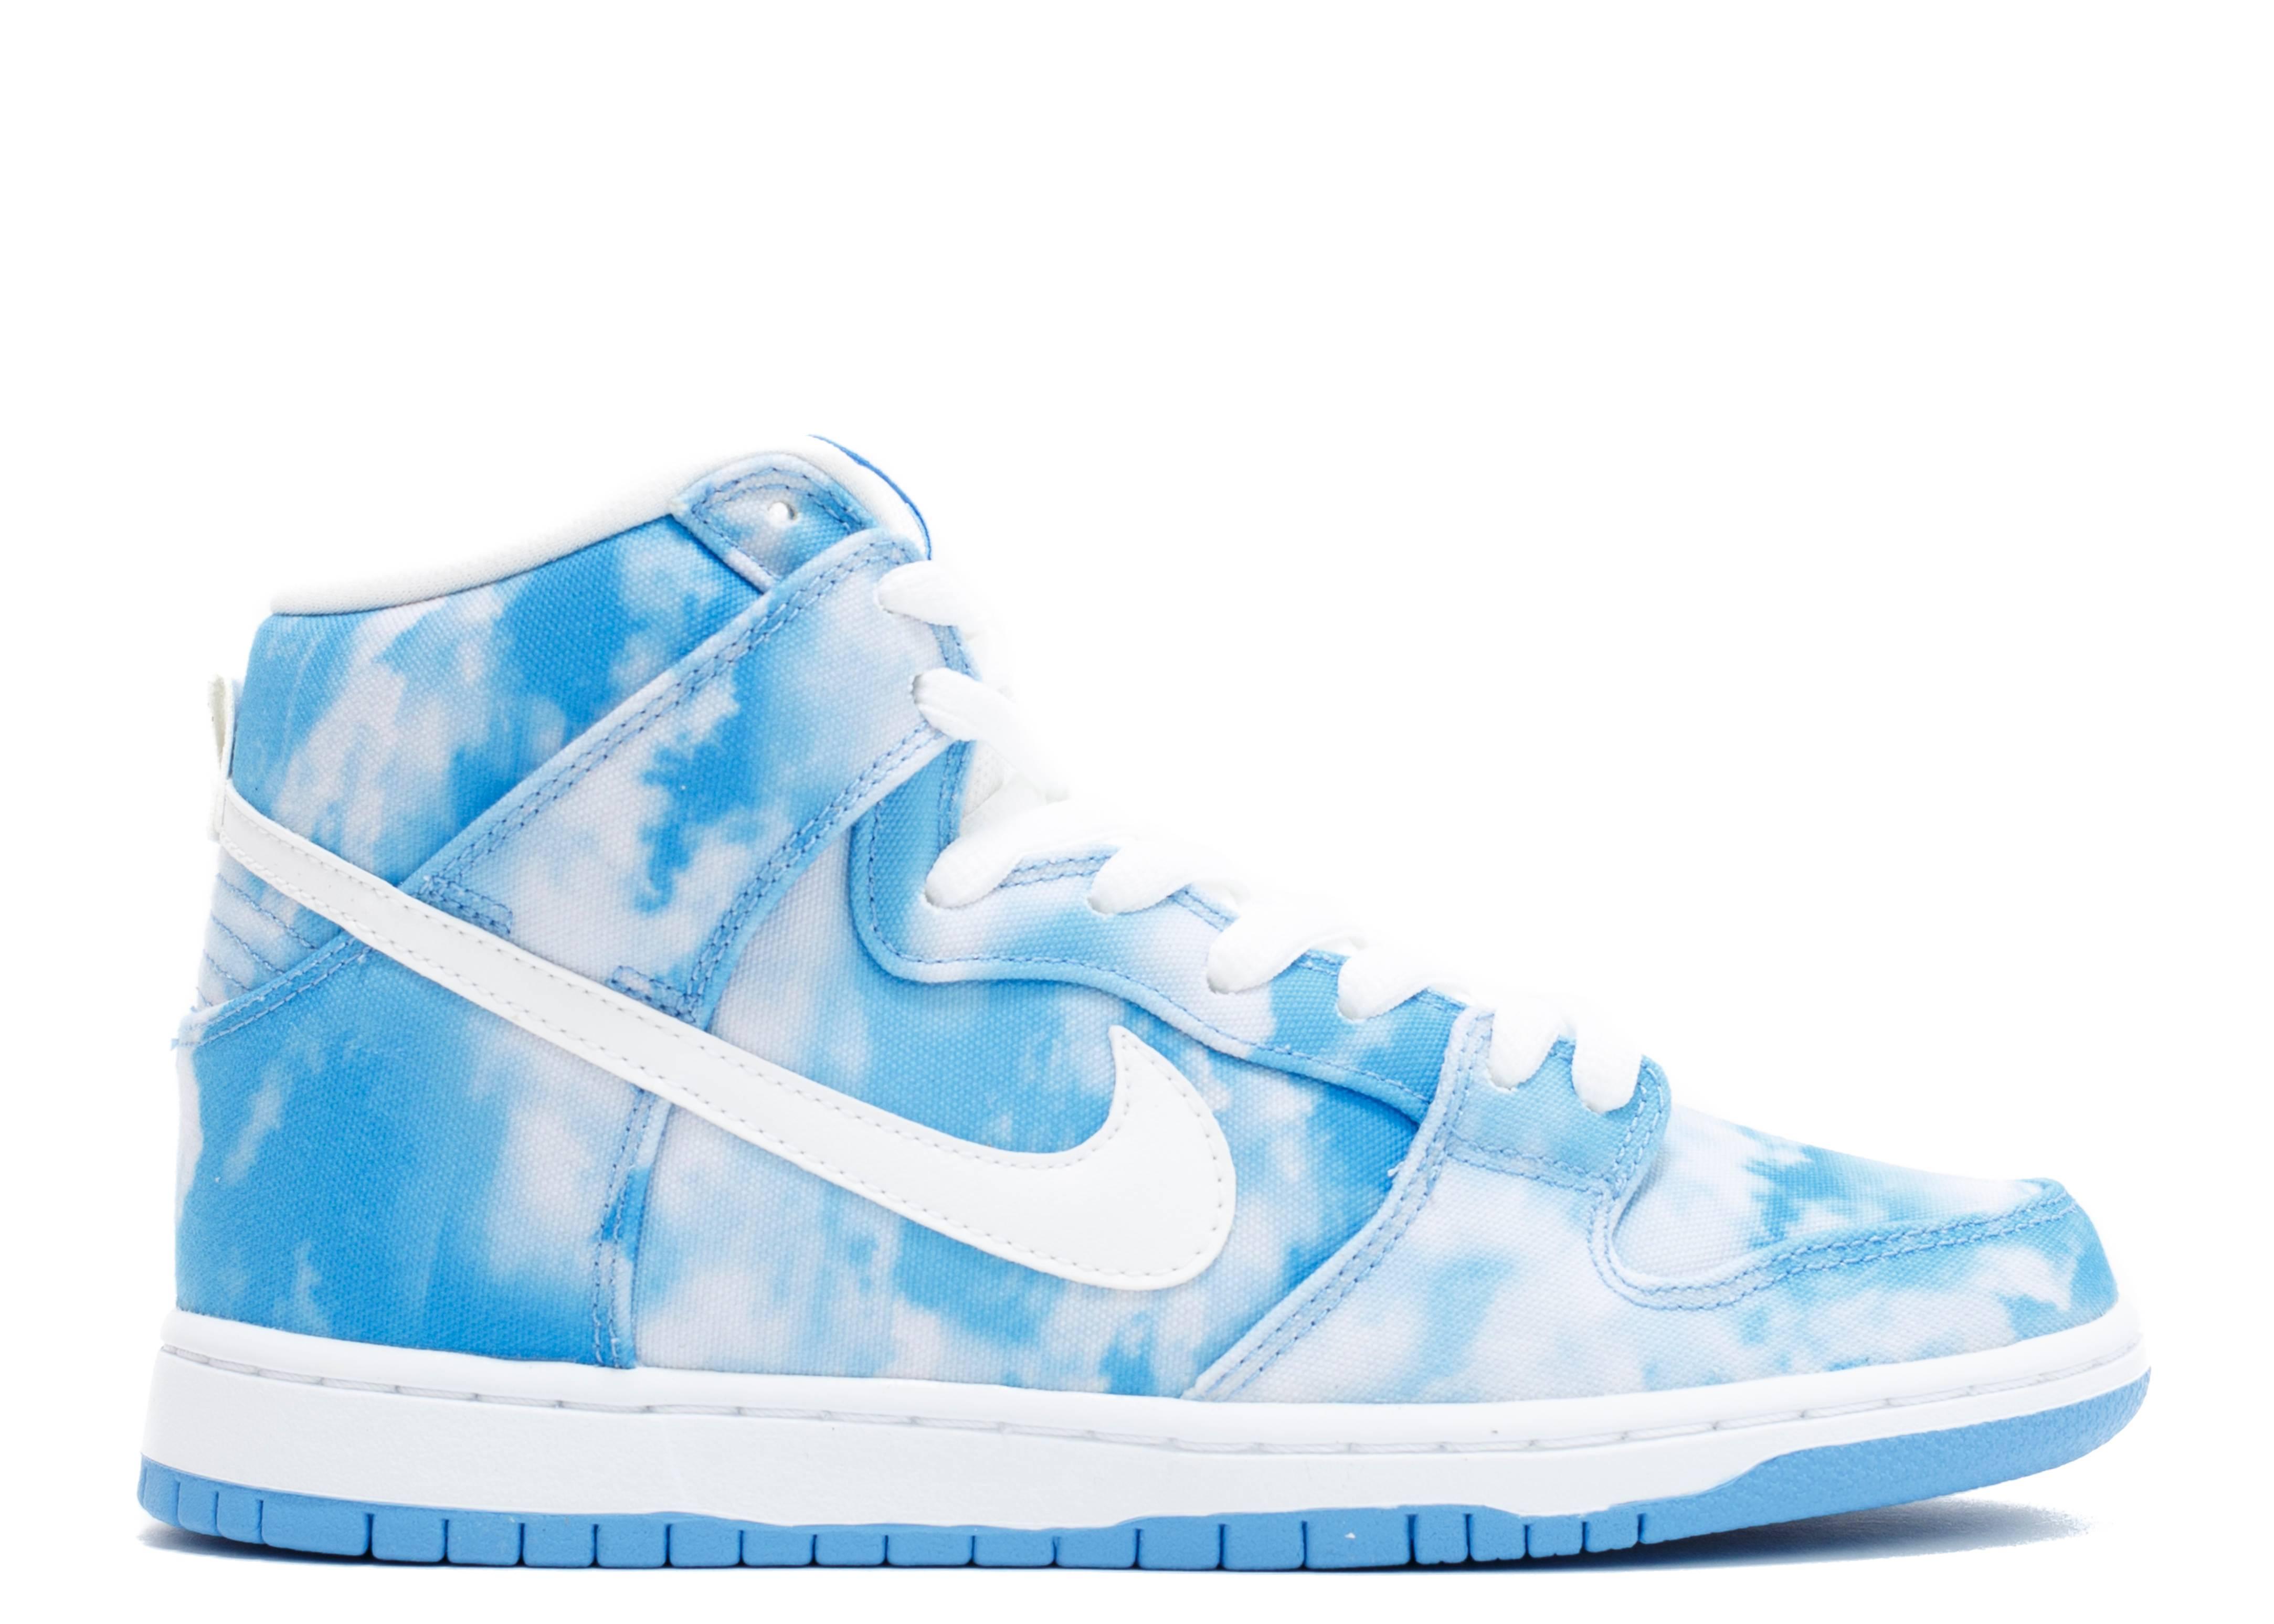 Nike Dunk Élevé Nuages pro Acheter Ici Payer confortable en ligne Vente en ligne vente dernière qZxcqk